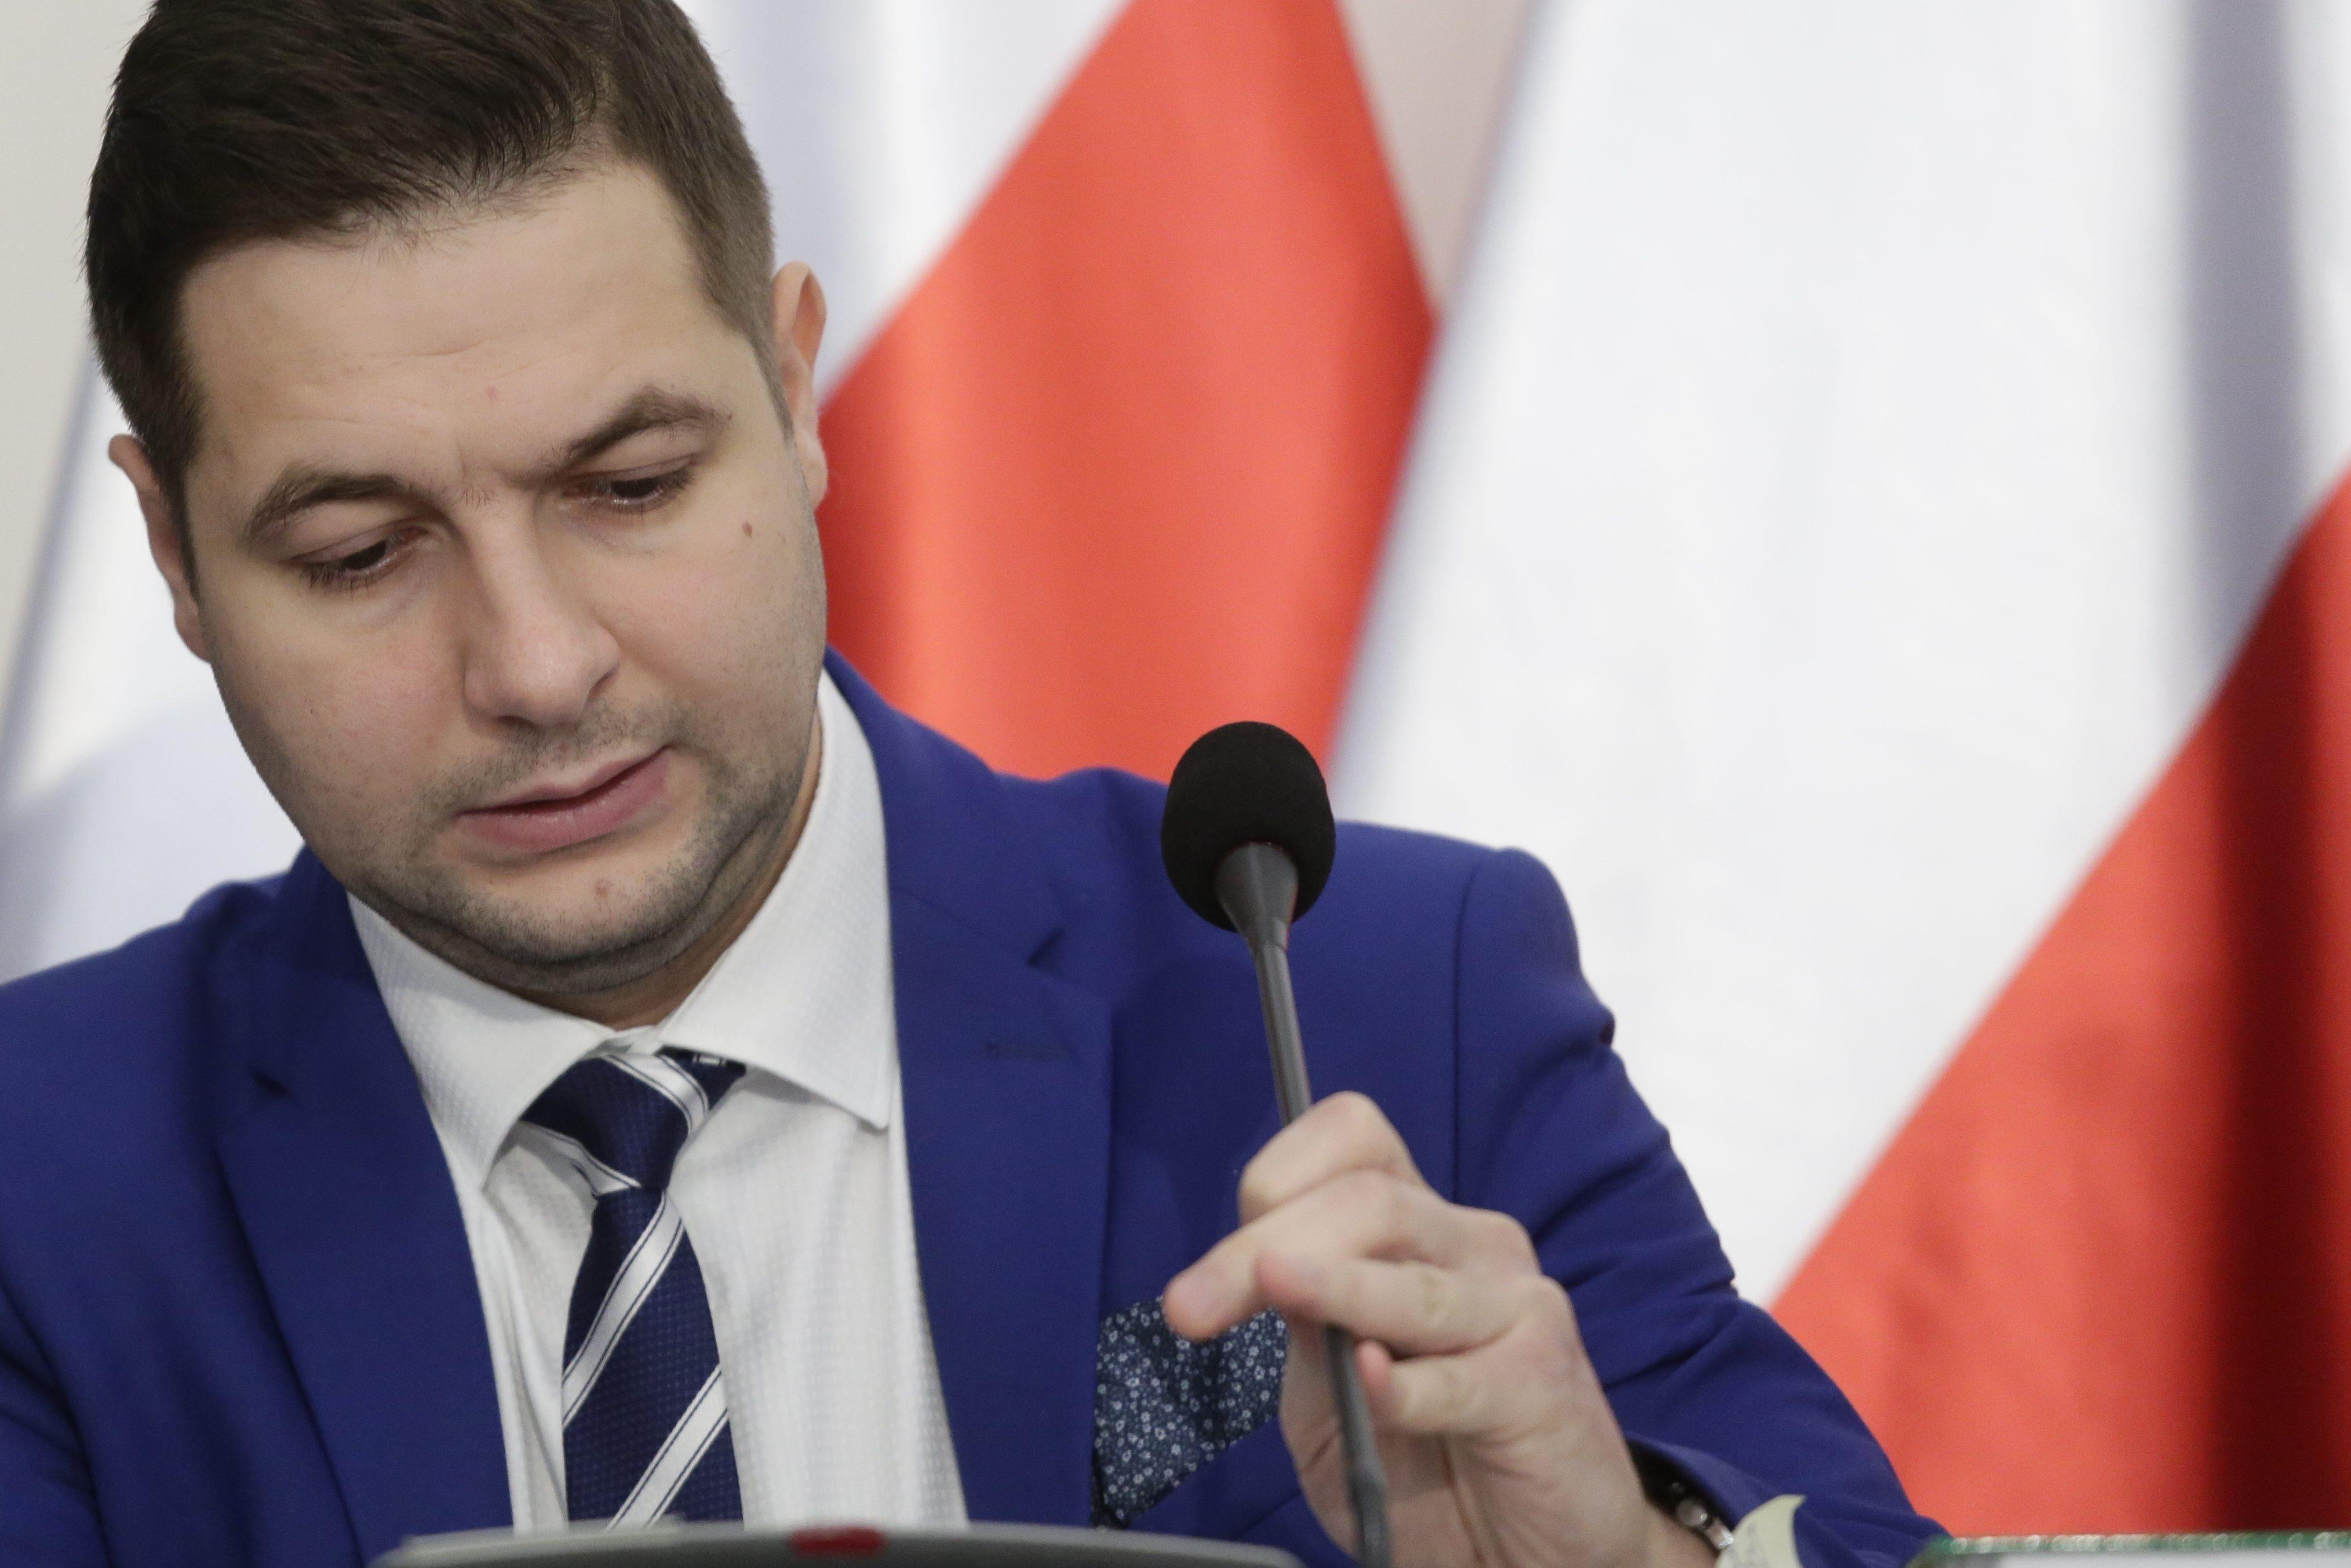 Komisja weryfikacyjna uchyliła kolejną decyzję prezydent Warszawy. Handlarz roszczeń warszawskich nieruchomości przed sądem